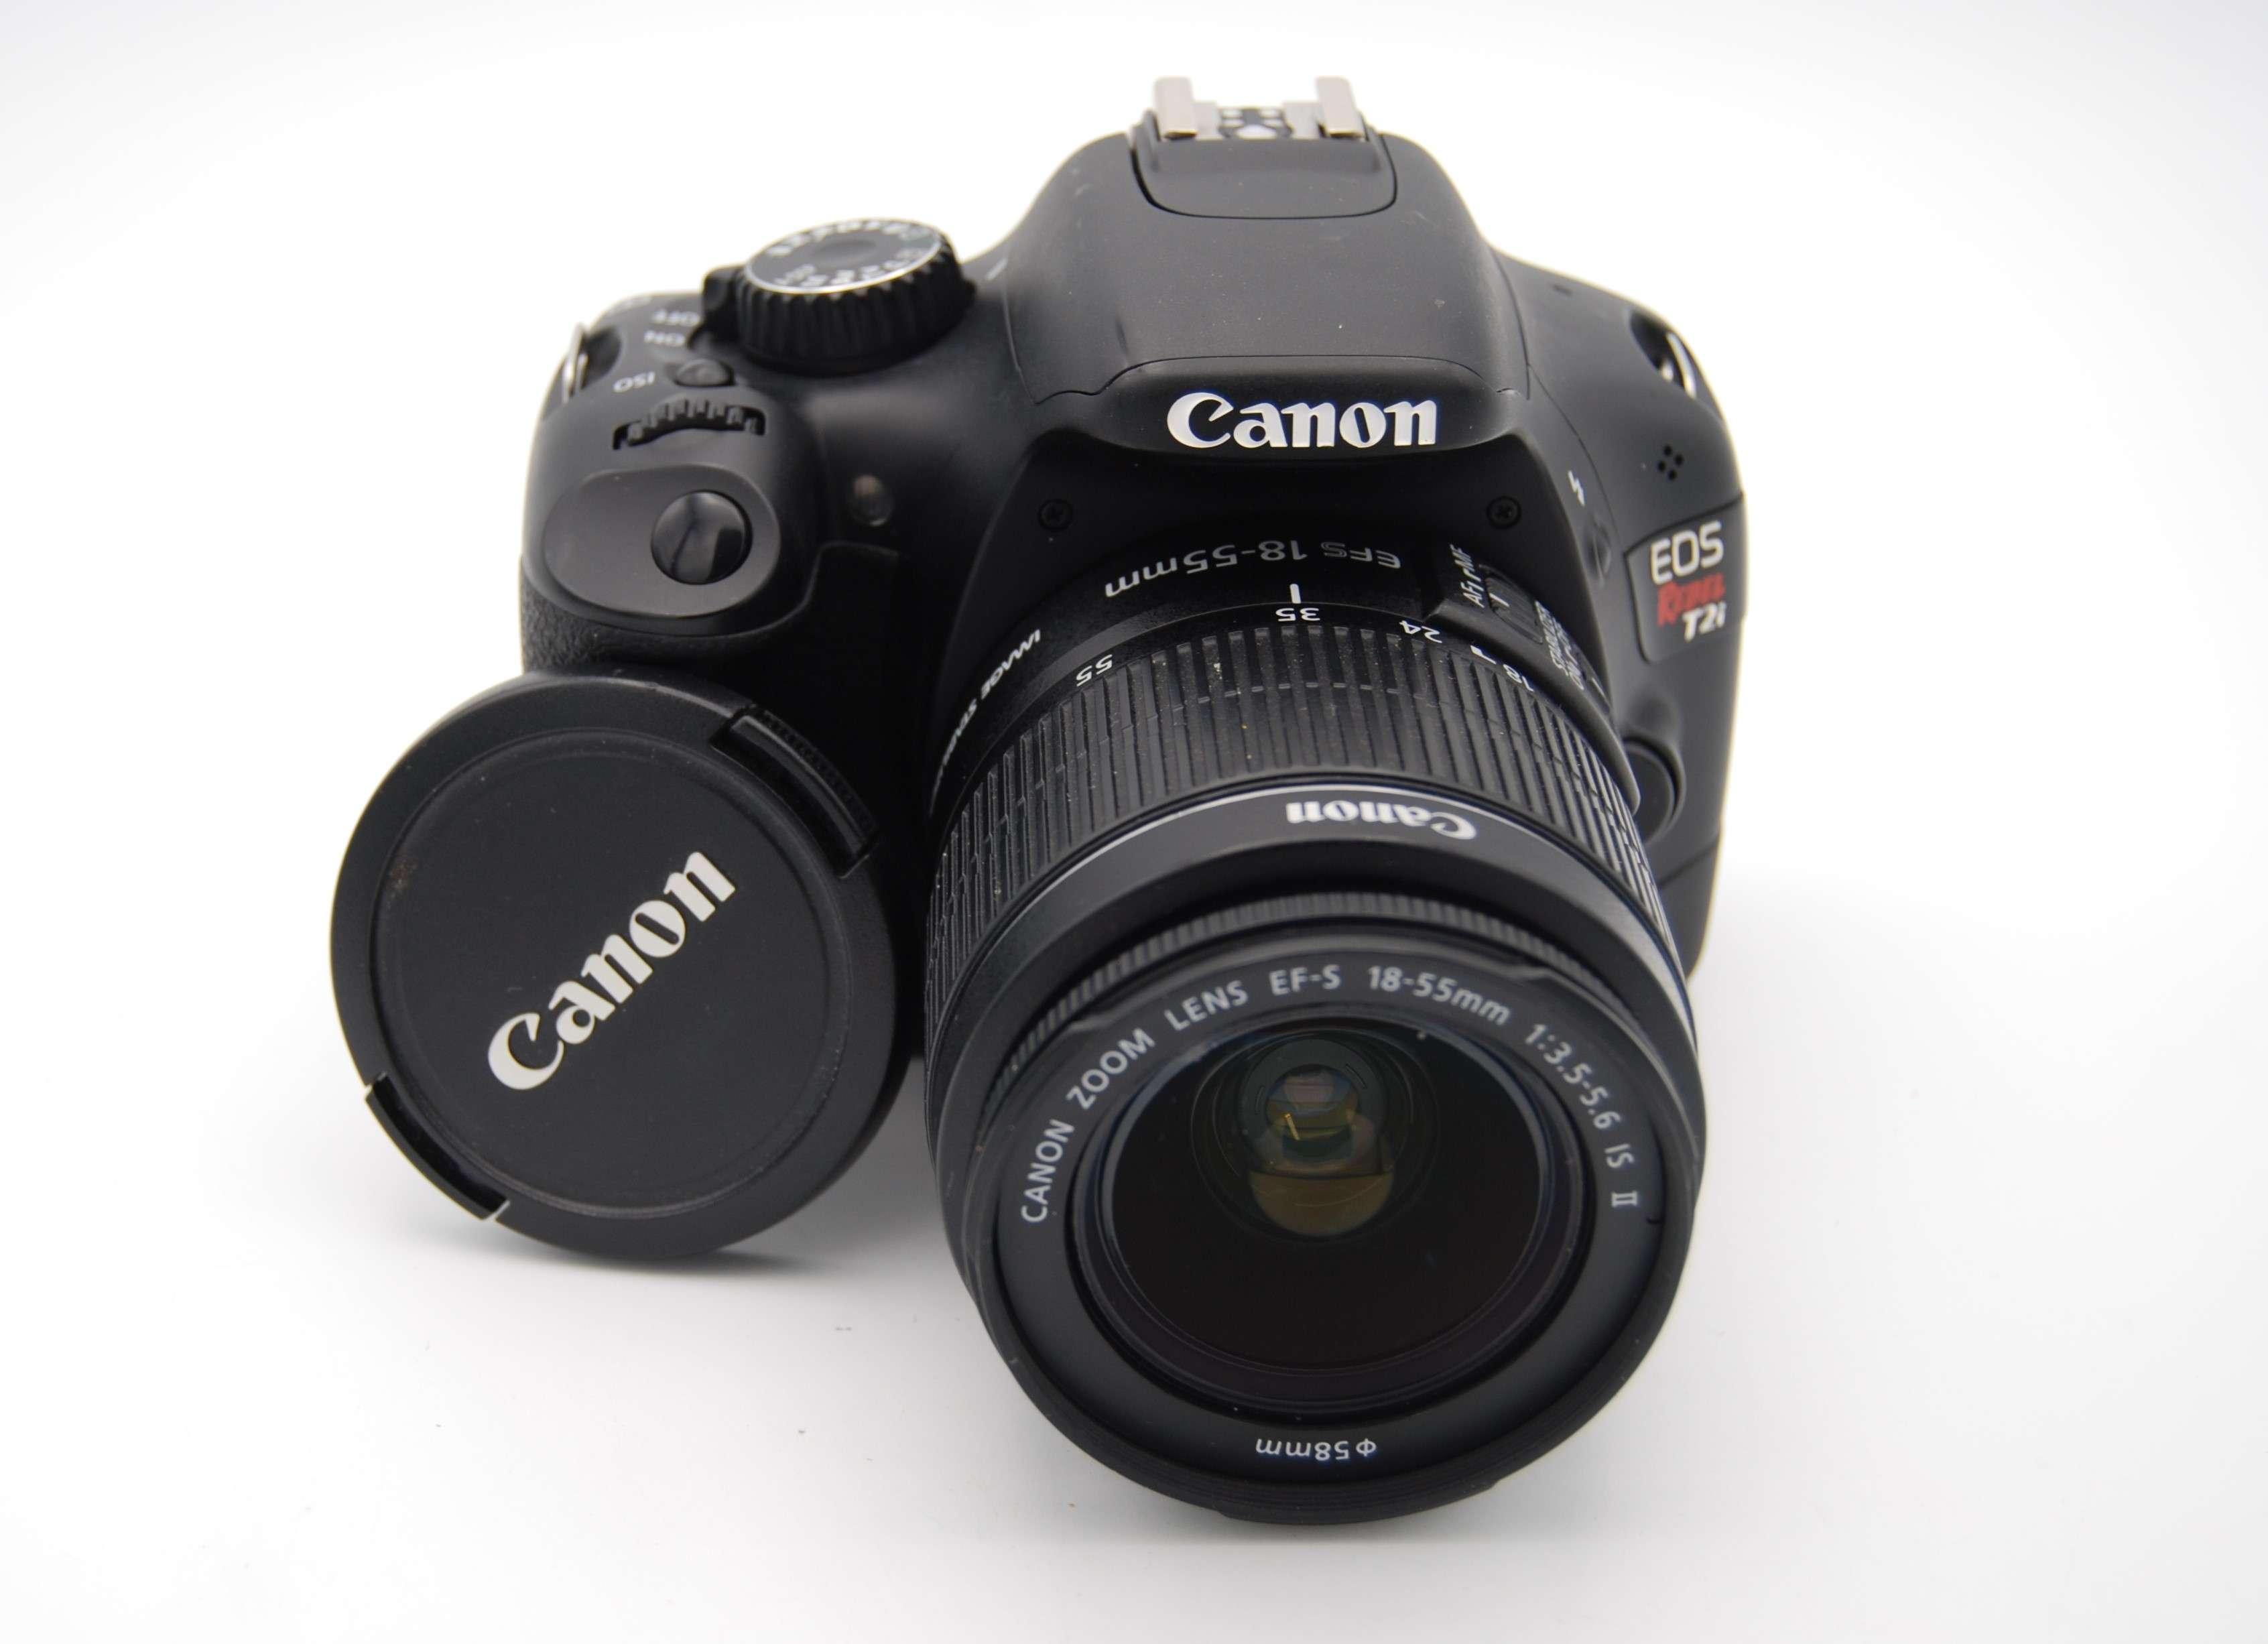 Canon Eos 550d Rebel T2i 18mp Dslr Camera W Ef S 18